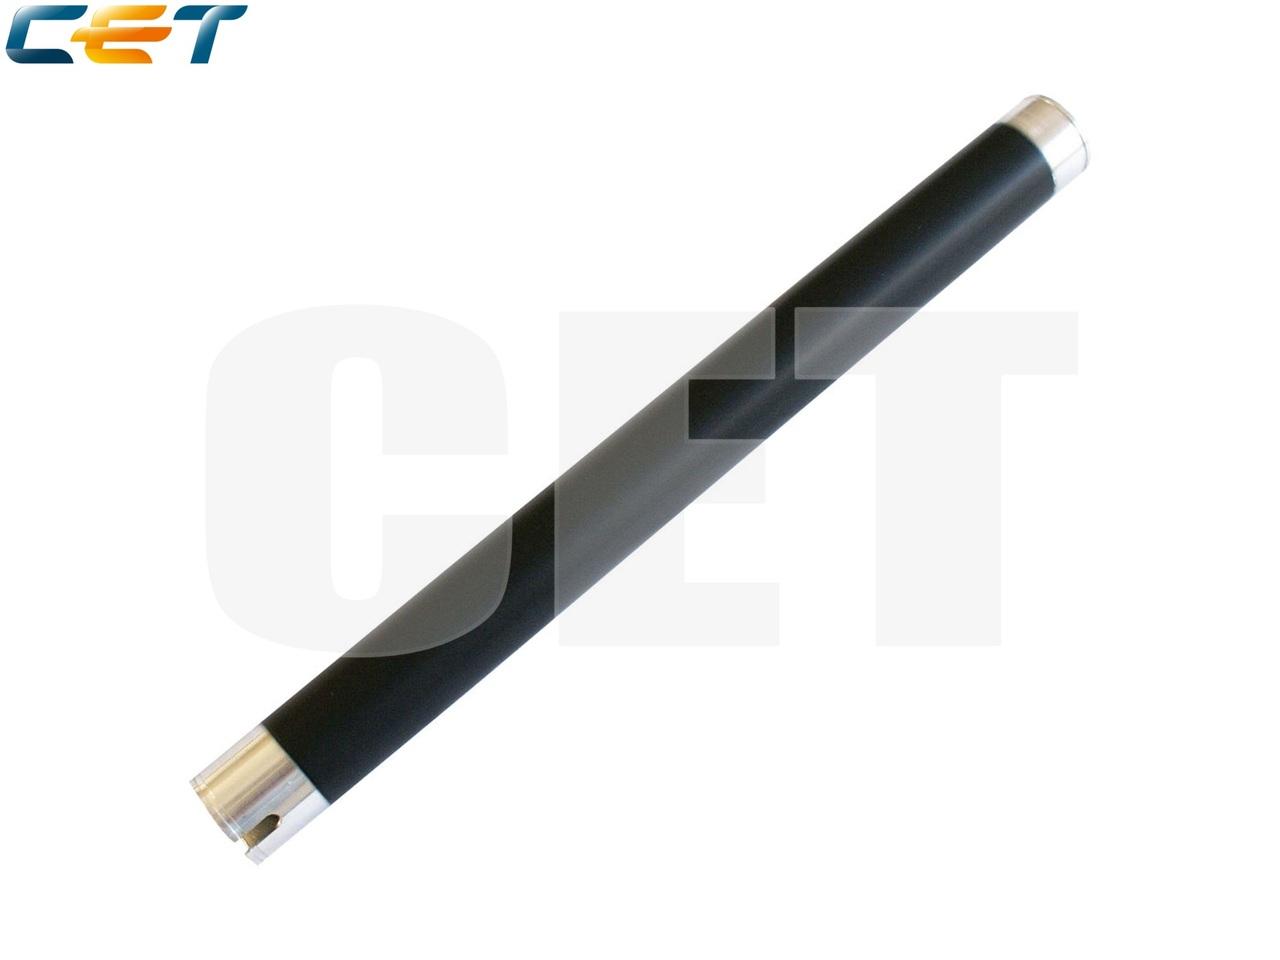 Тефлоновый вал NROLI0137QSZZ для SHARPAL-2030/2031/2041/2051 (CET), CET3658